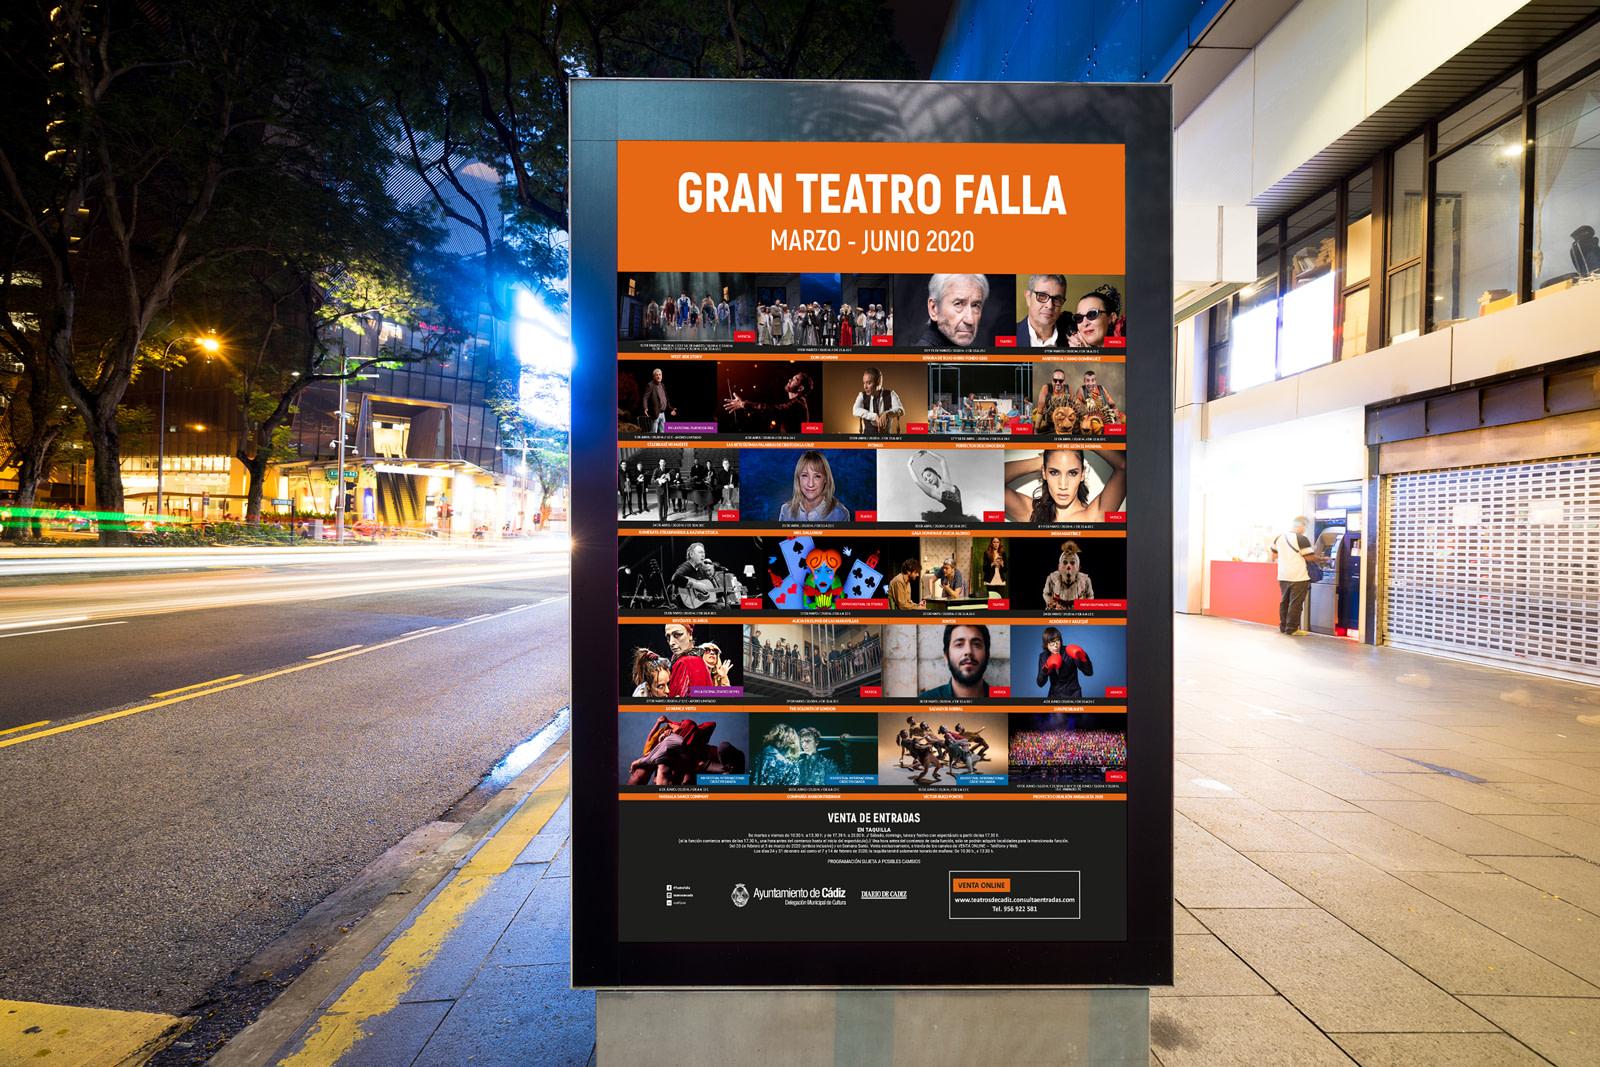 Mupi - Campaña de publicidad - Gran Teatro Falla (Marzo - Junio 2020)